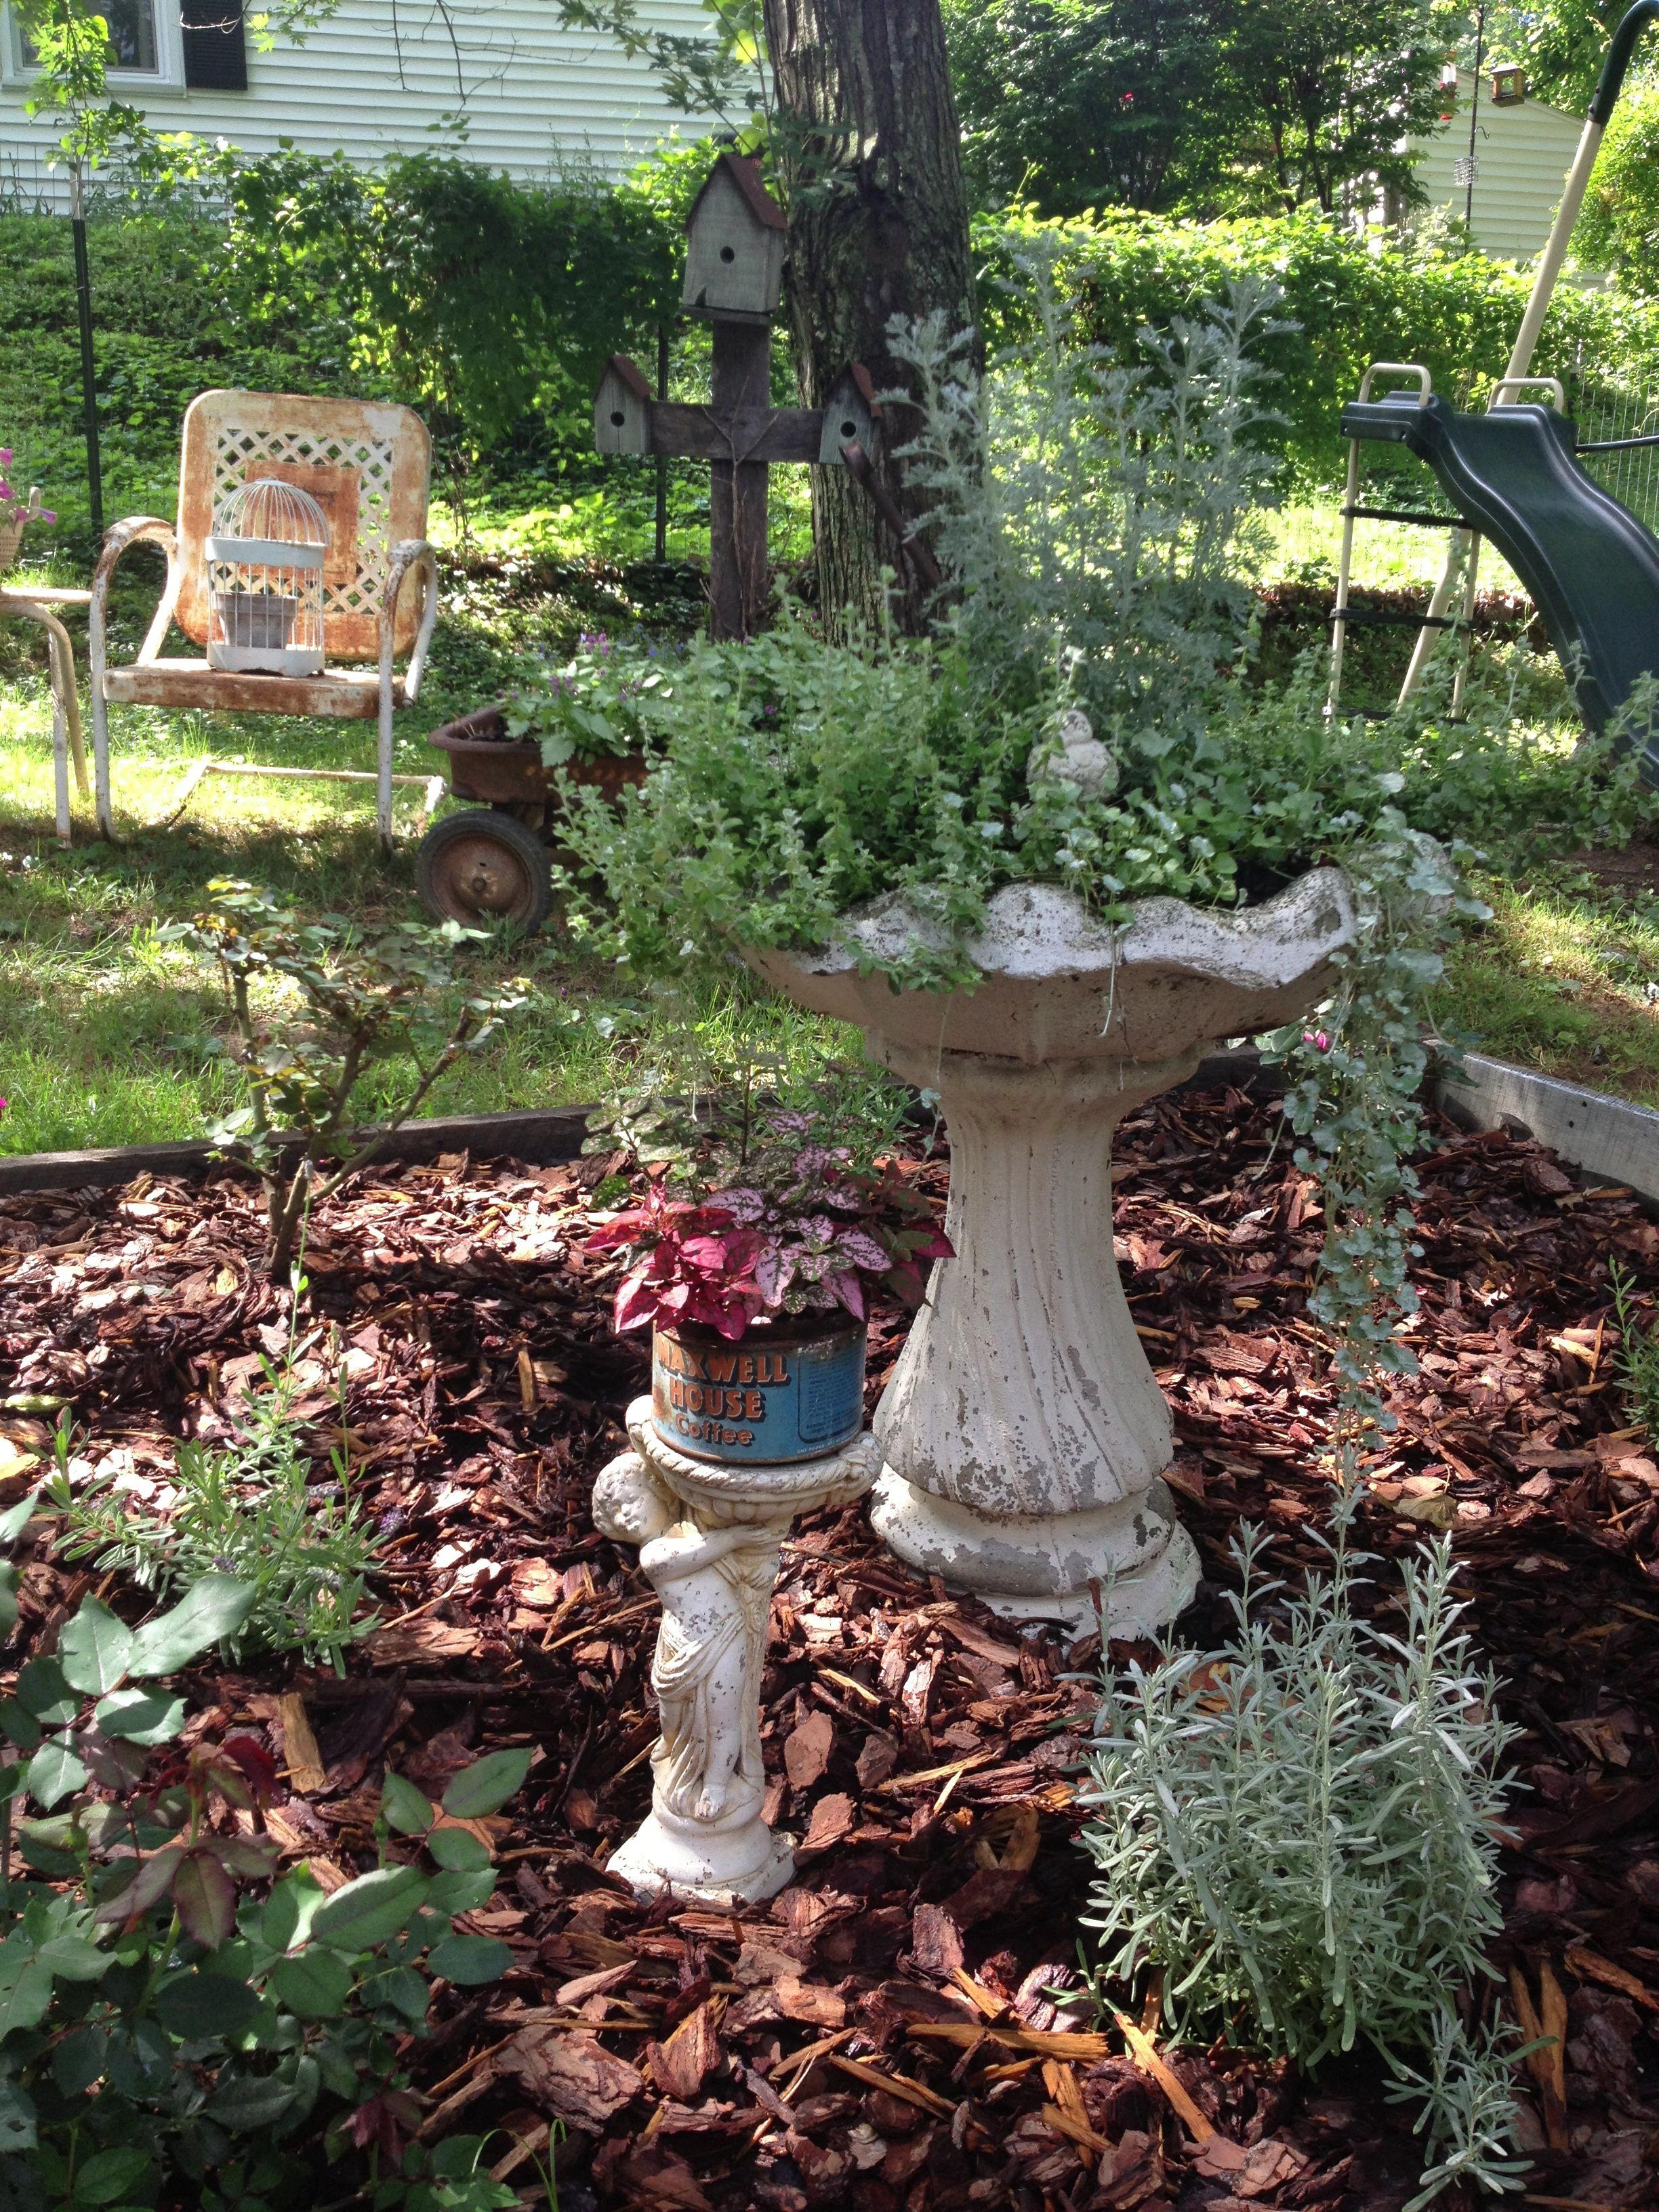 Pinterest Garden Junk Ideas Photograph   Decorating the gard